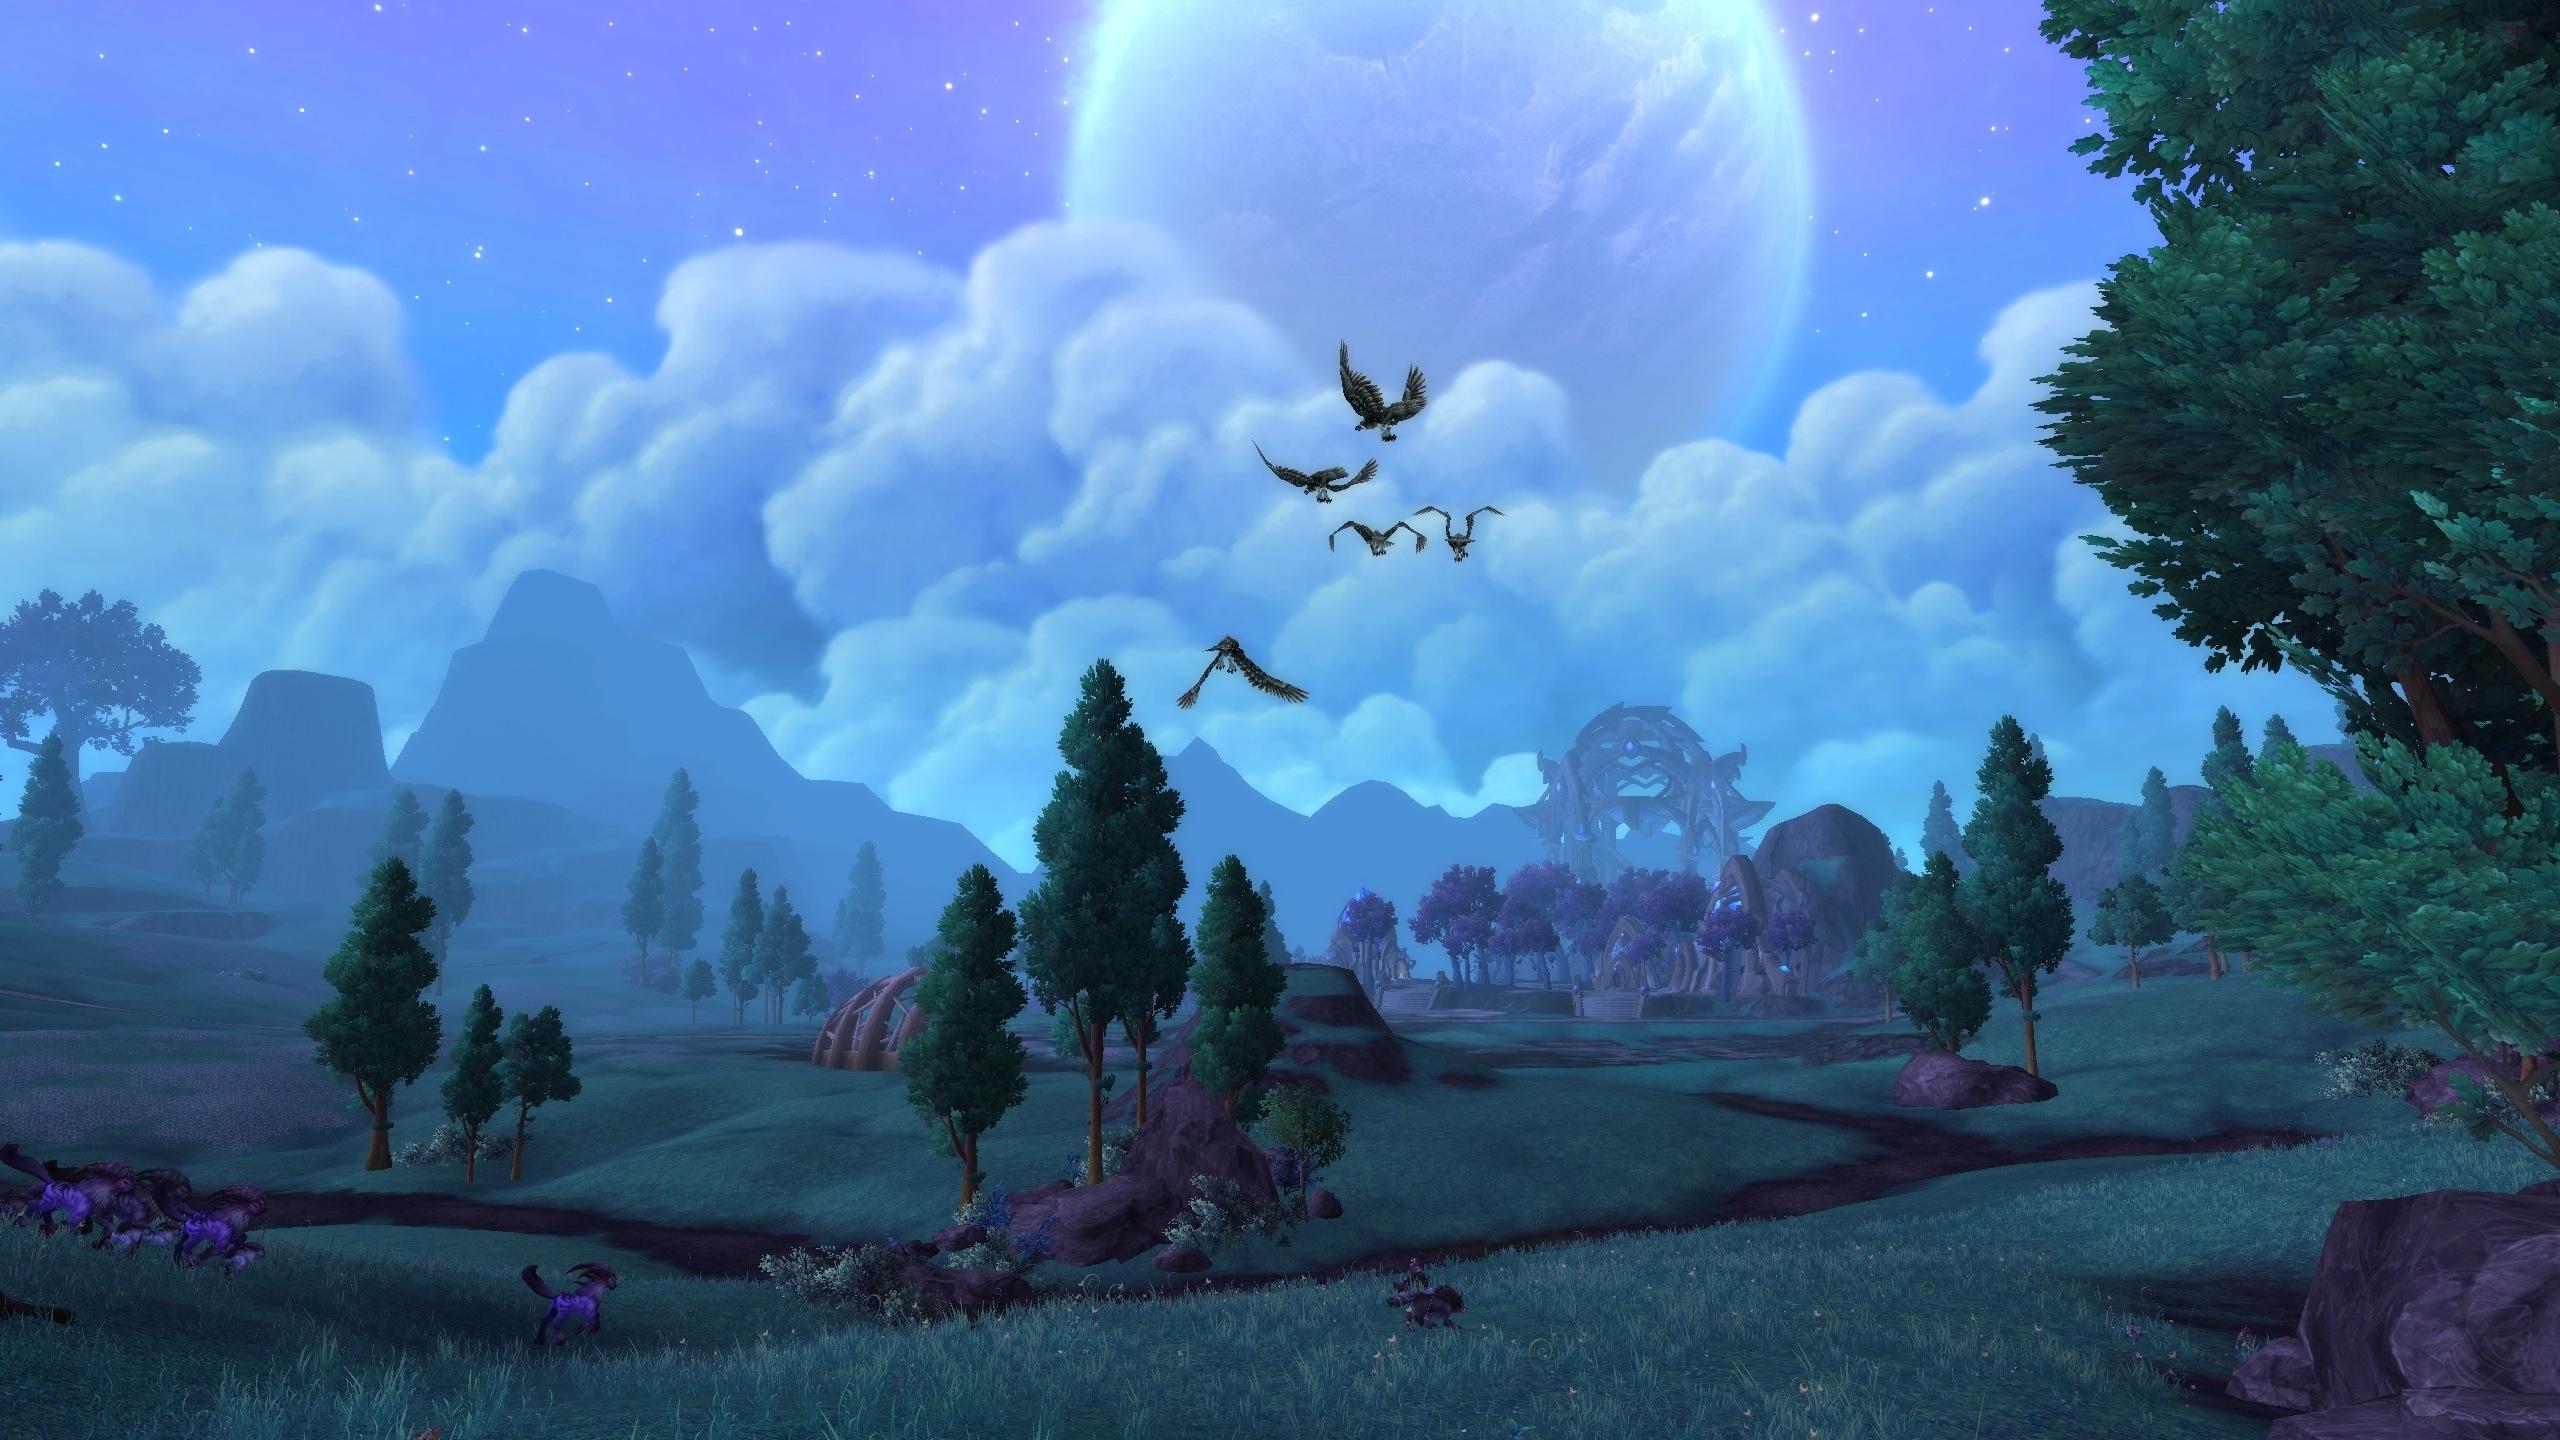 德拉诺之王:影月谷的风景呀美如画